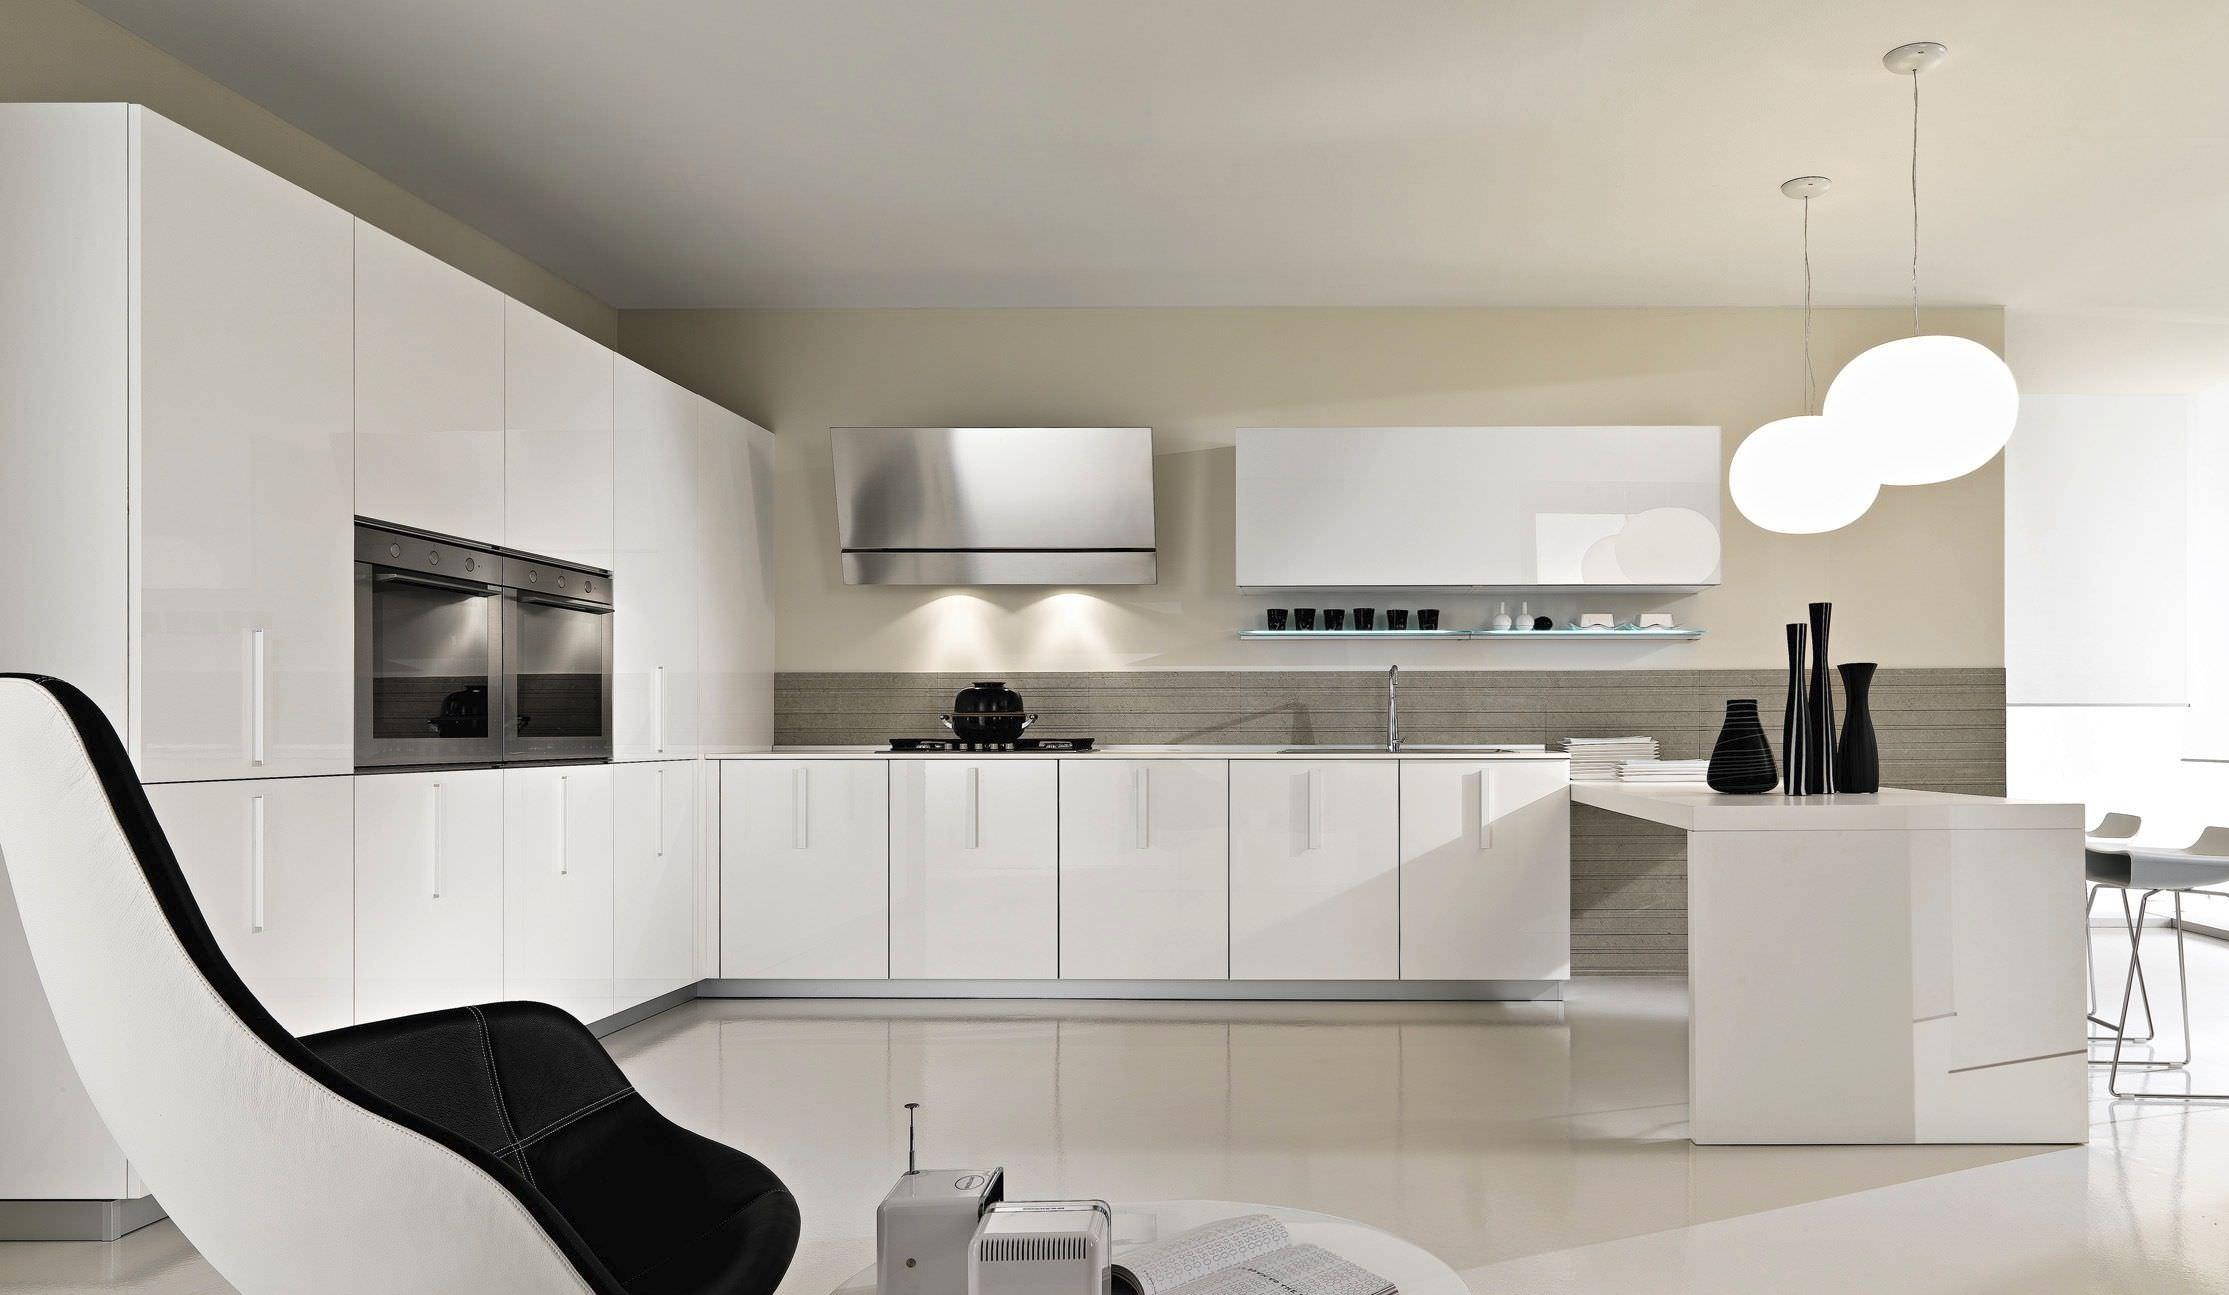 Cucina moderna / in vetro / laccata / con impugnature - MAGIKA - Pedini